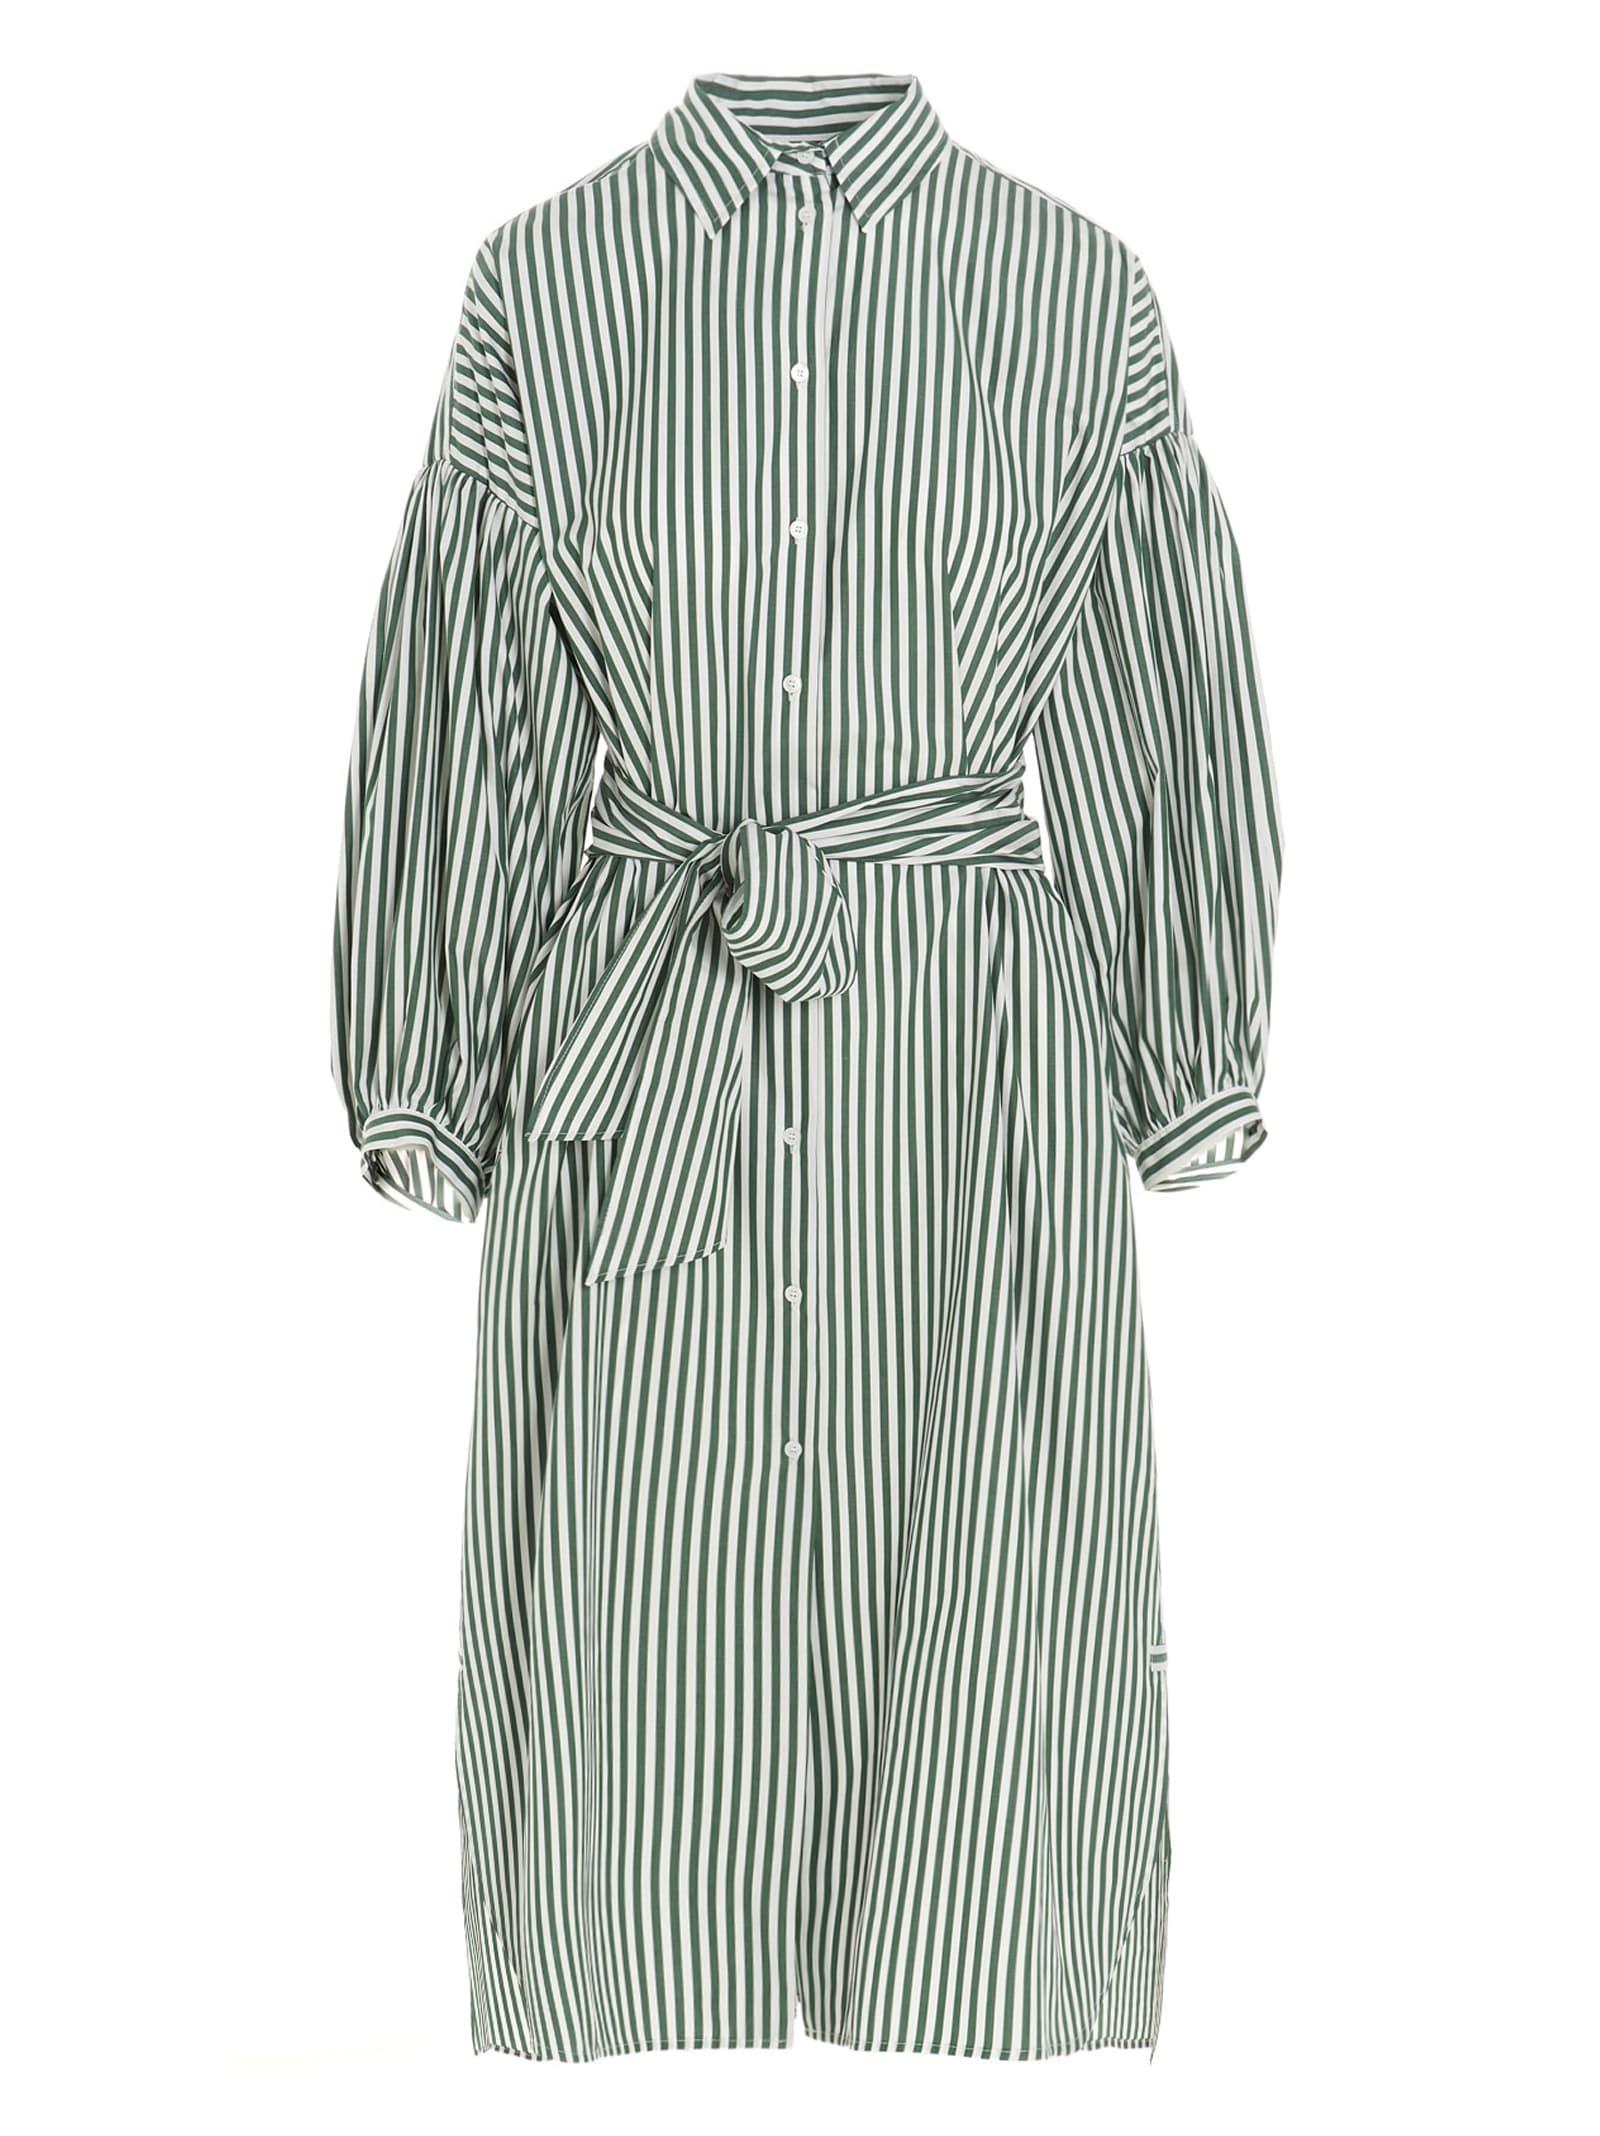 Buy Weekend Max Mara ragazza Dress online, shop Weekend Max Mara with free shipping